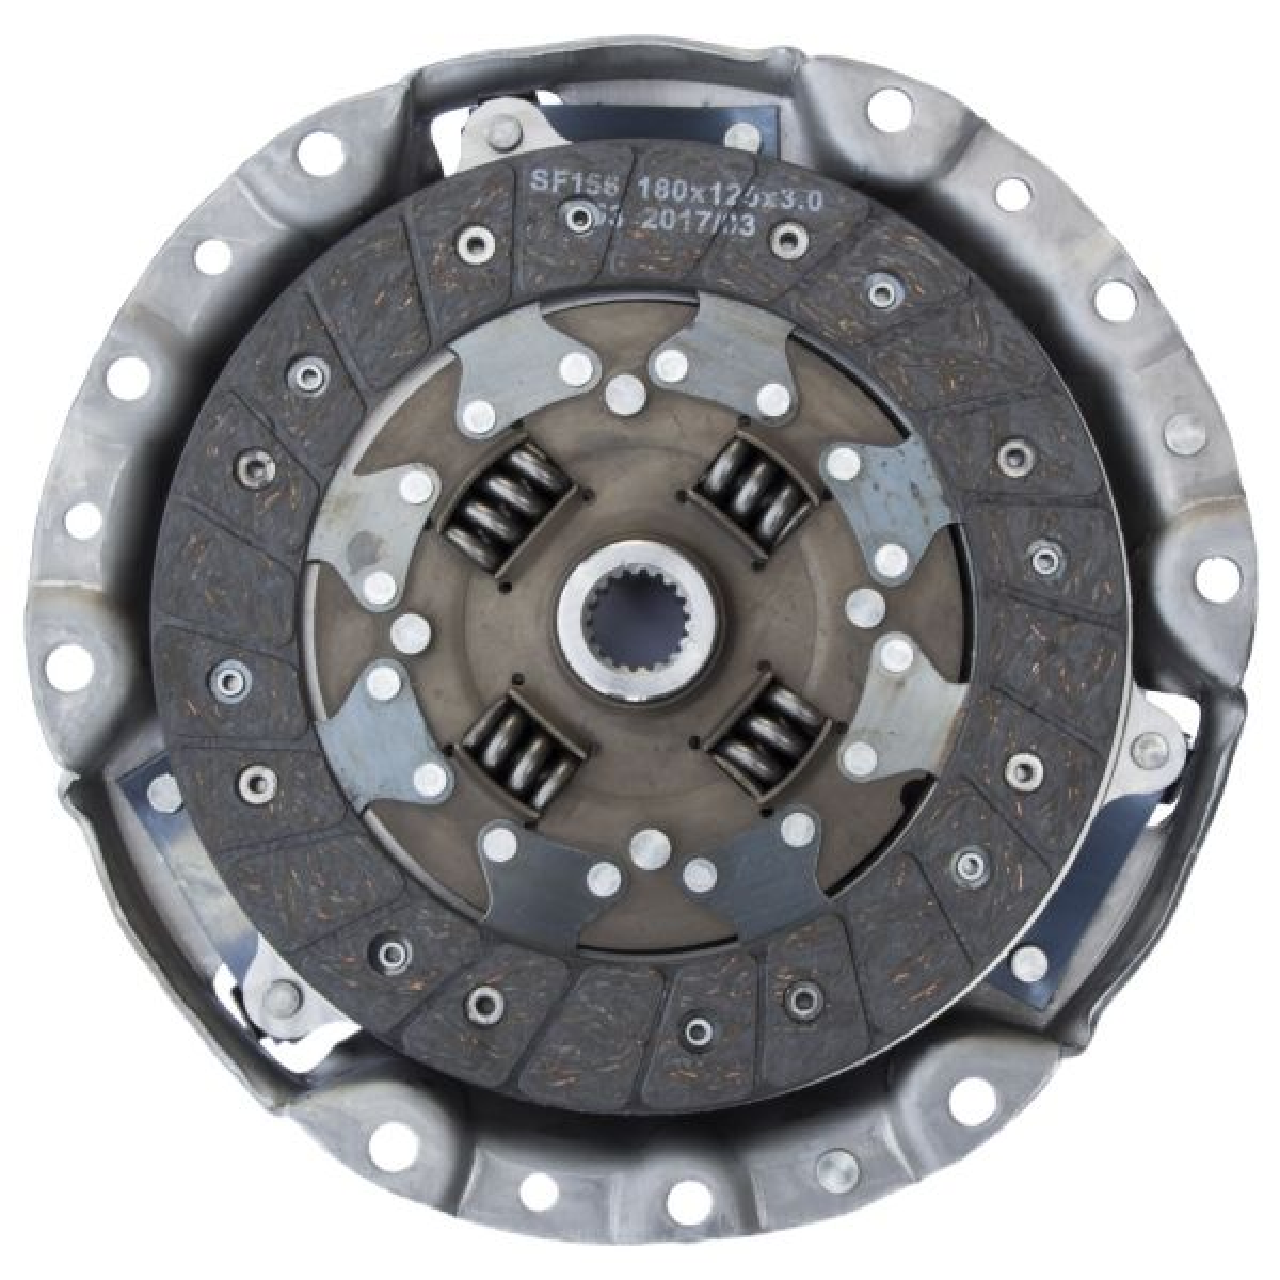 کیت کلاچ شایان صنعت مدل SHX100 مناسب برای پراید